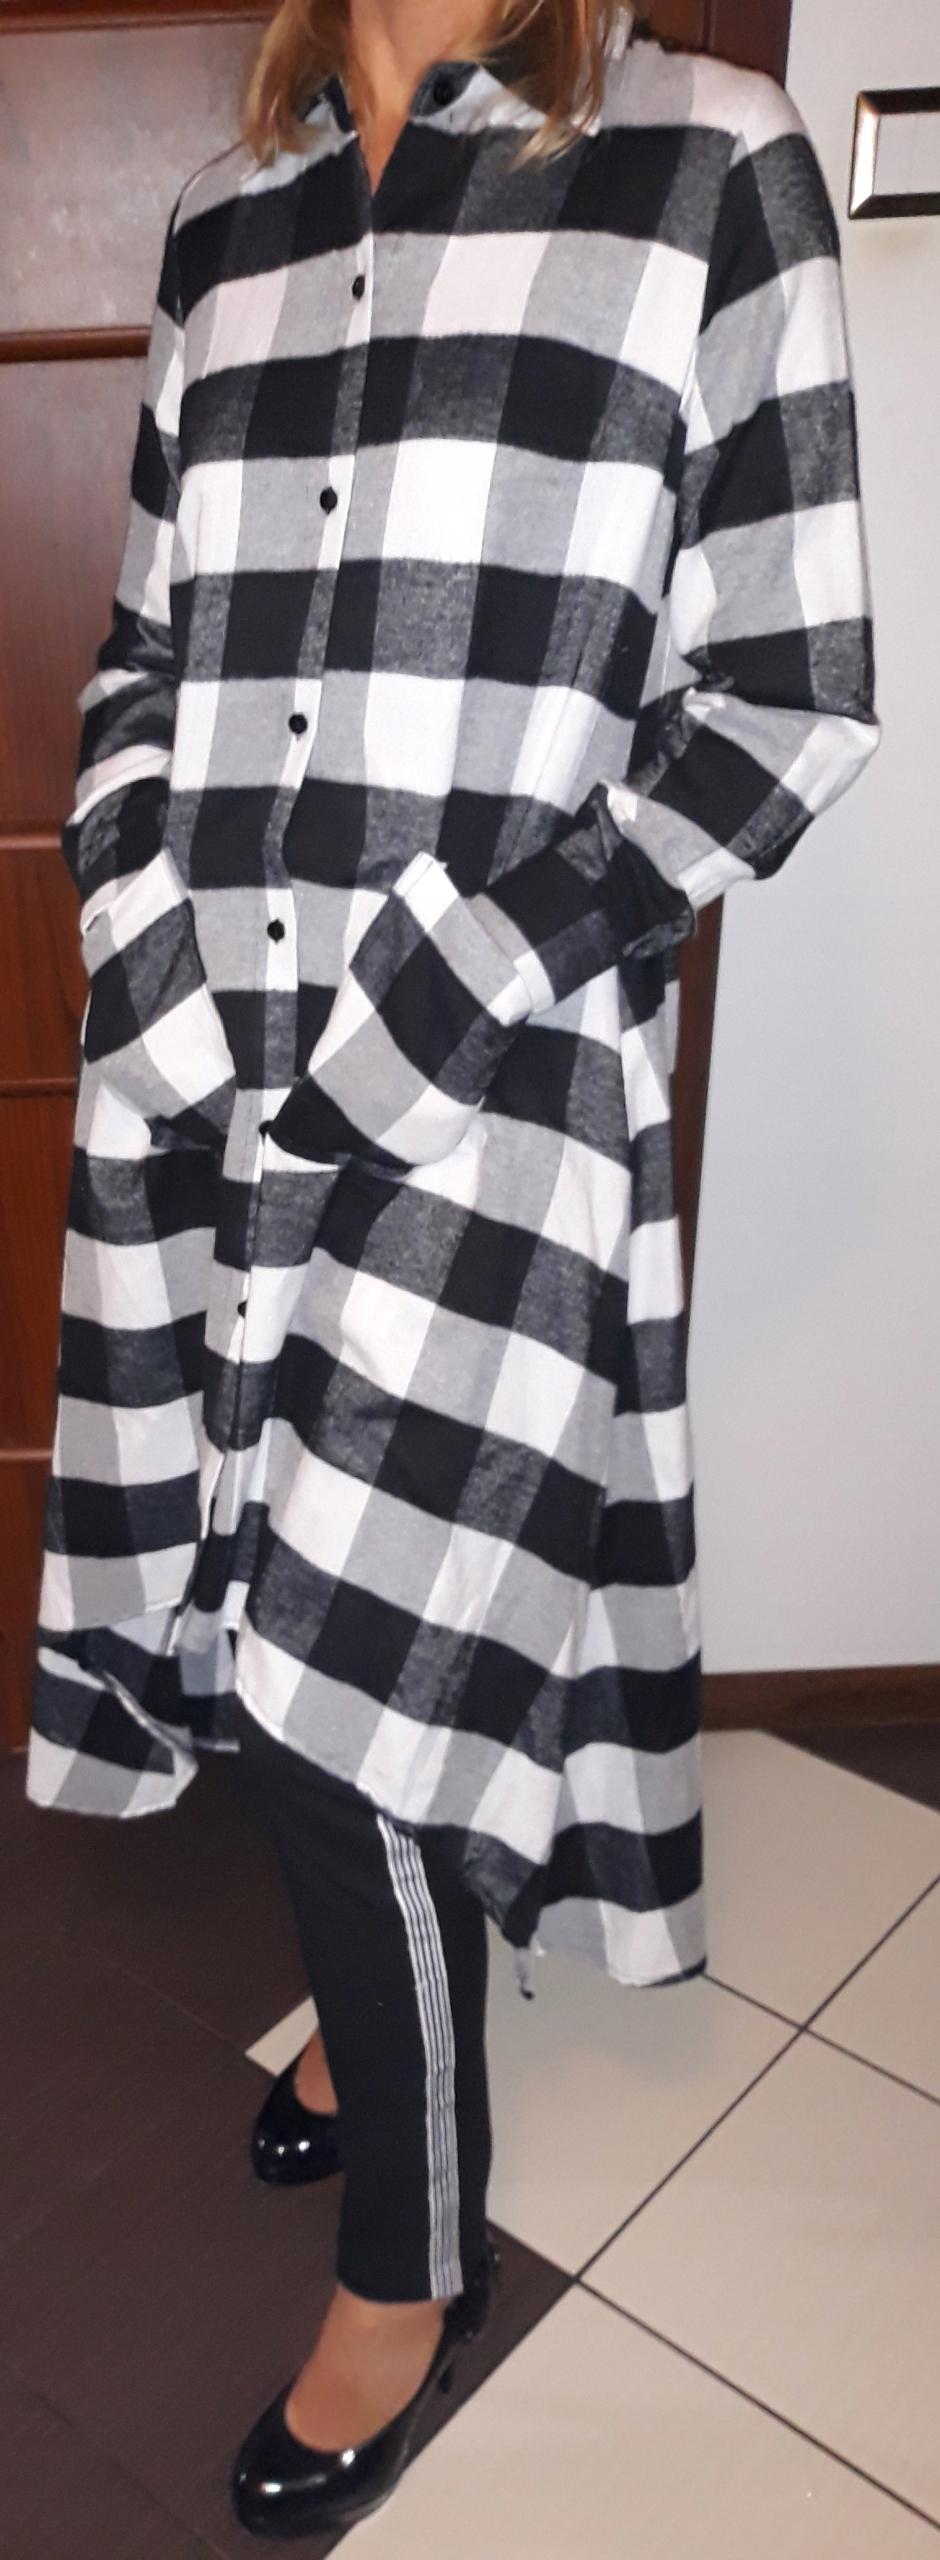 Długa sukienka w biało czarną krate 7661802140 oficjalne